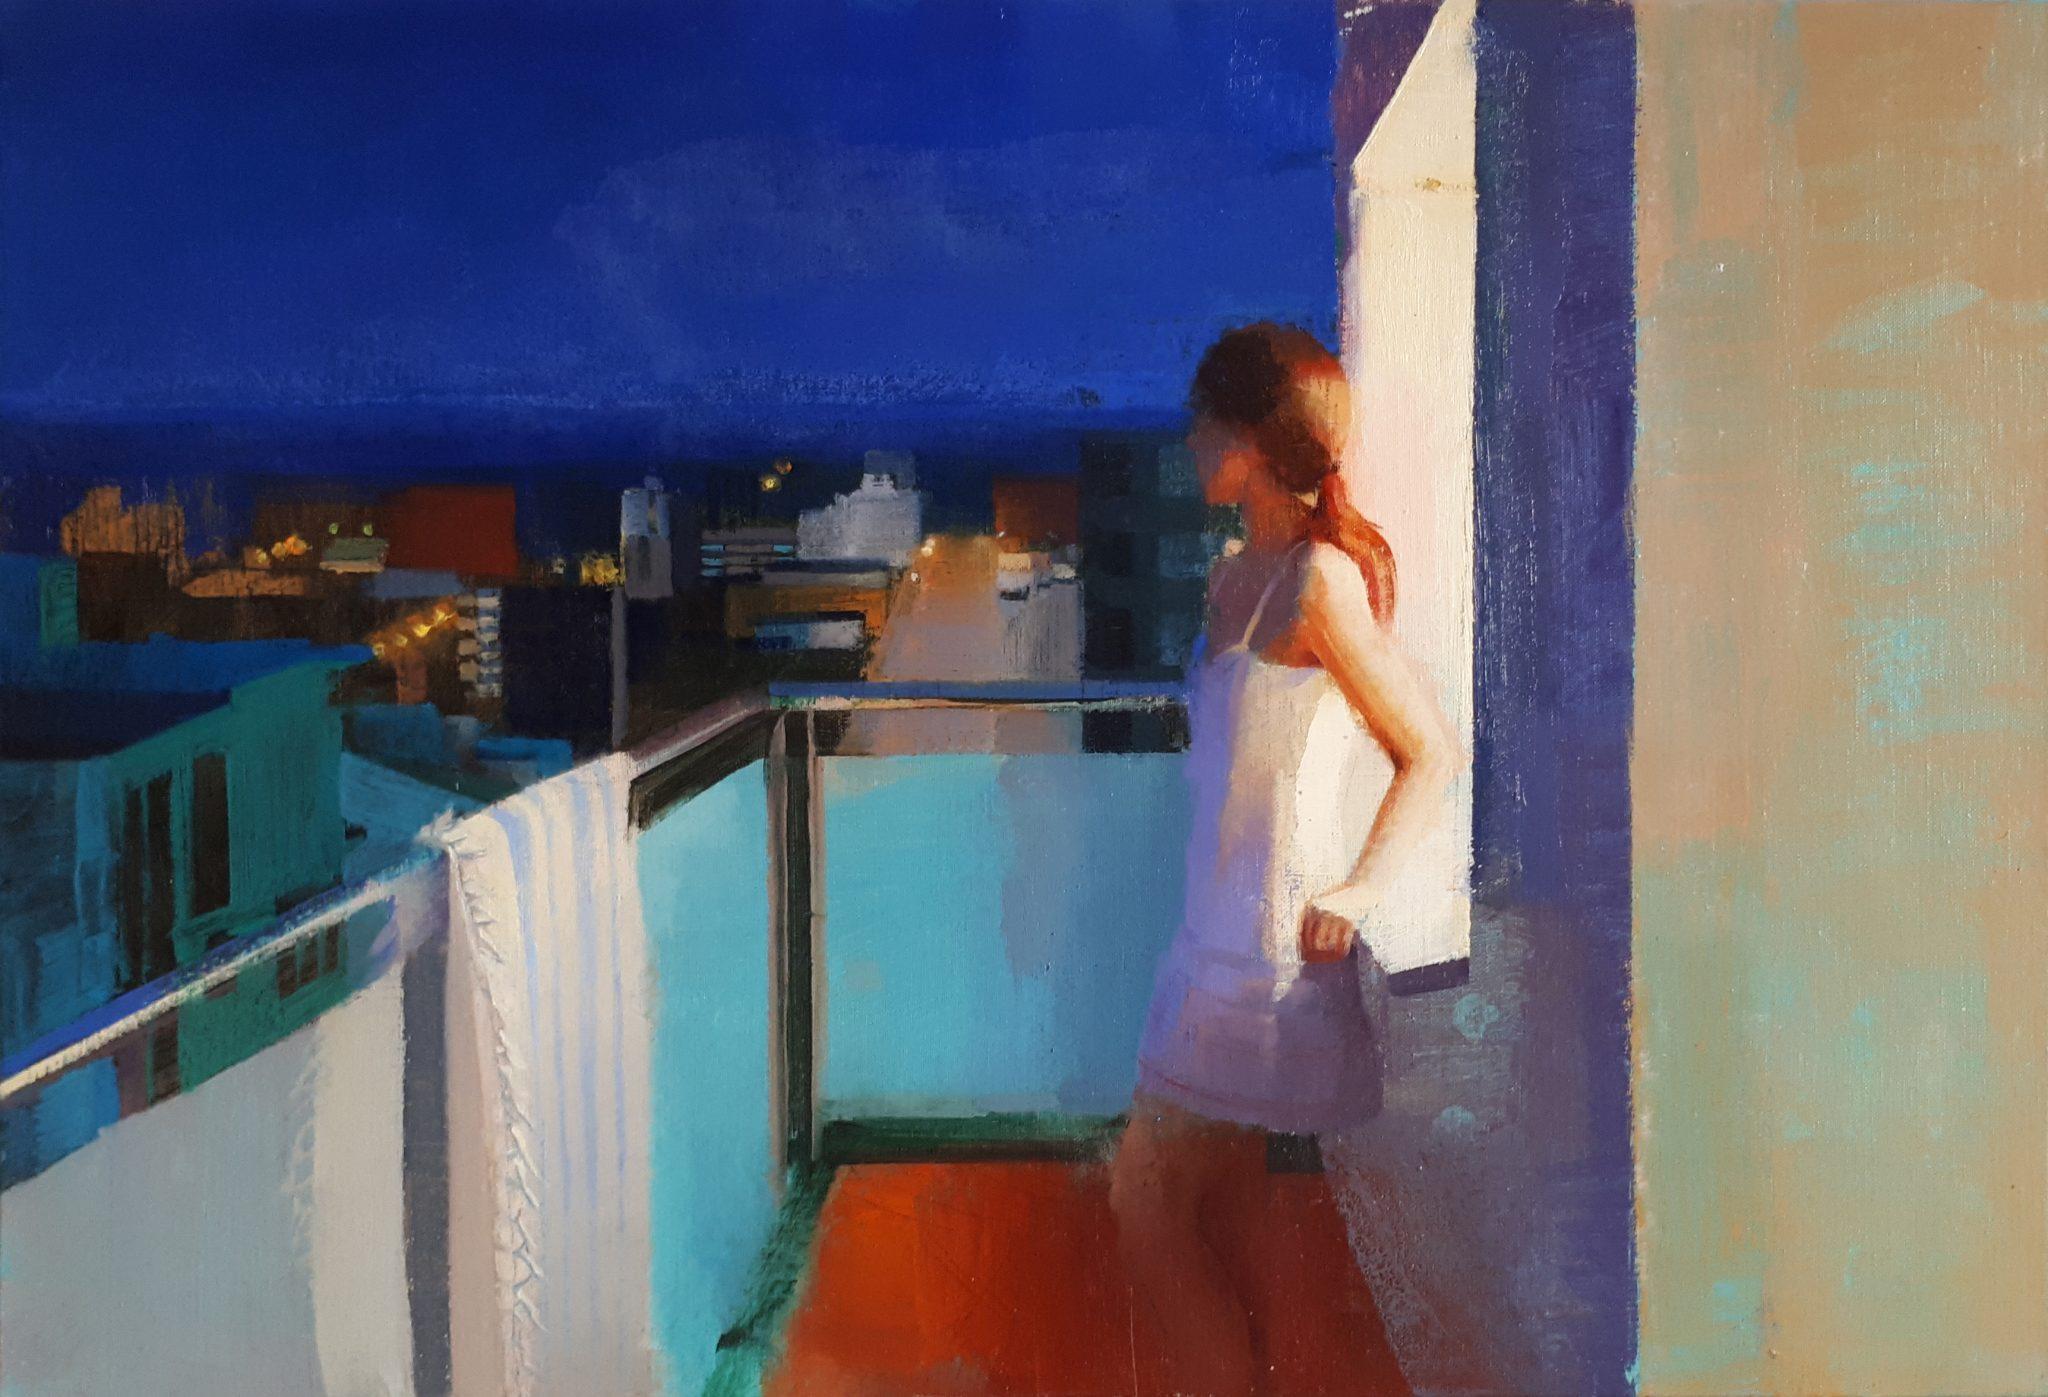 e-di-notte-alejandra-caballero-oleo-noche-ciudad-mar-mujer-terraza